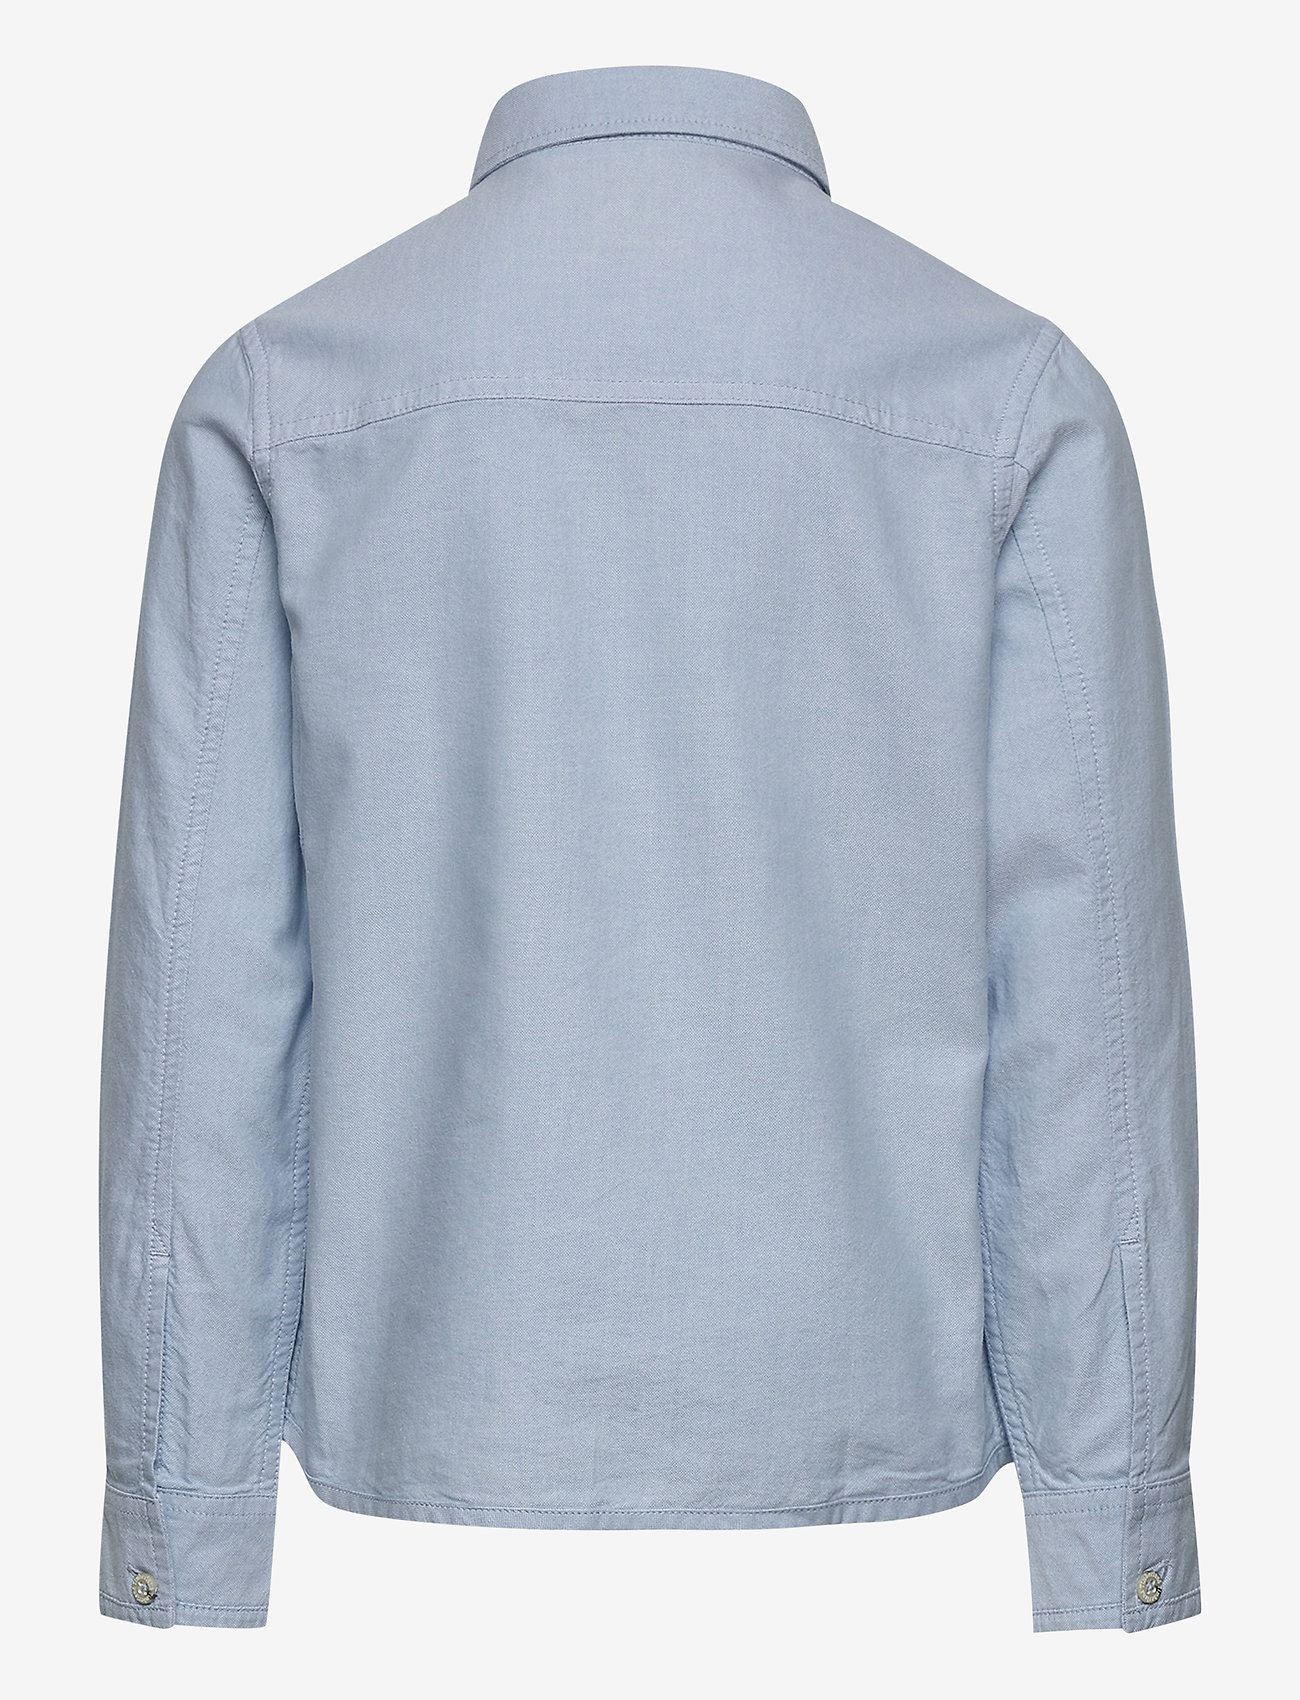 Timberland - LONG SLEEVED SHIRT - overhemden - pale blue - 1